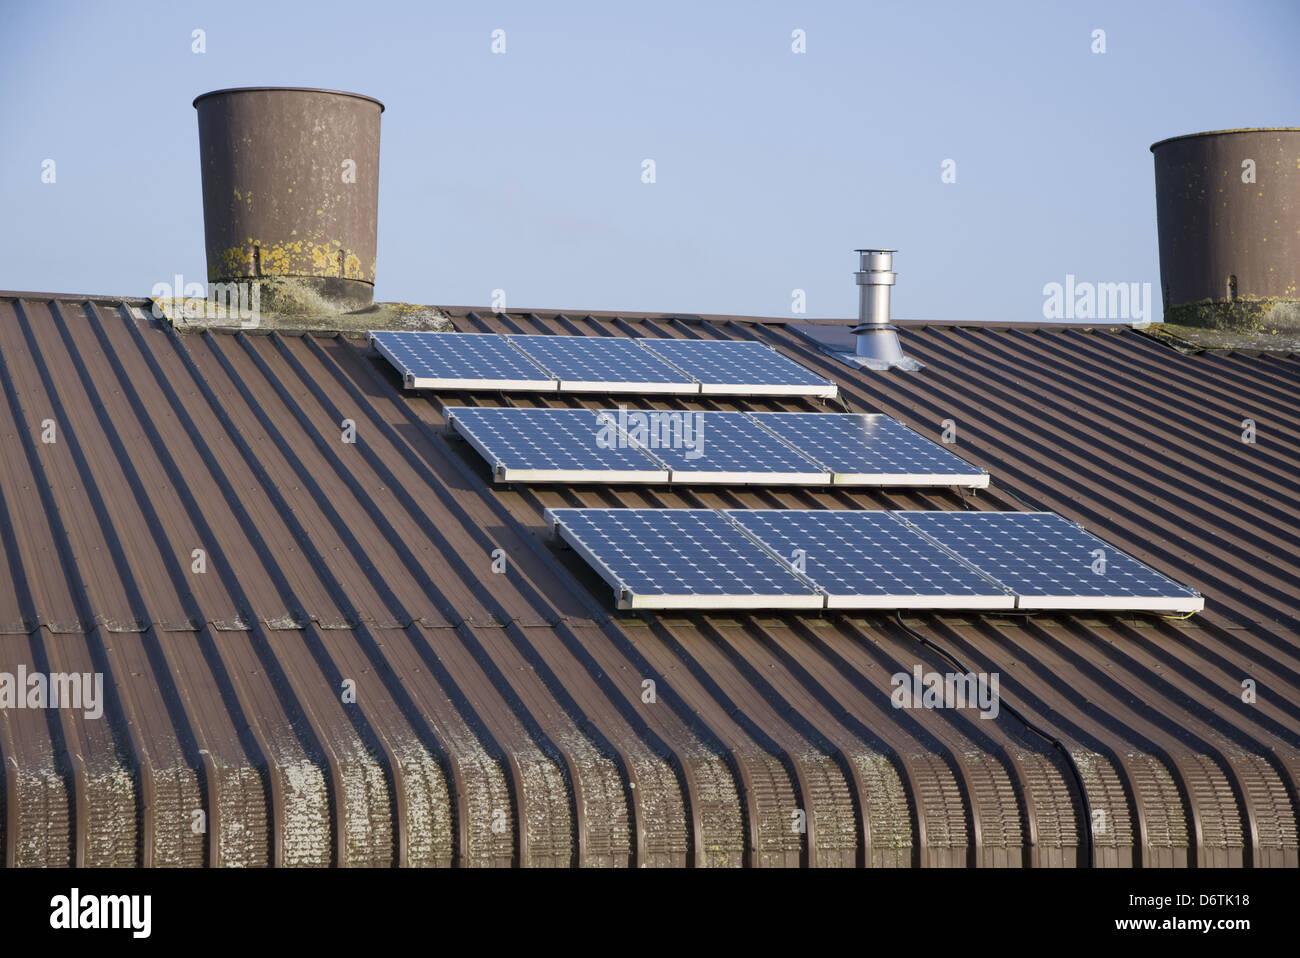 La cría de pollos, paneles solares en el techo de la granja avícola, Lancashire, Inglaterra, Noviembre Imagen De Stock